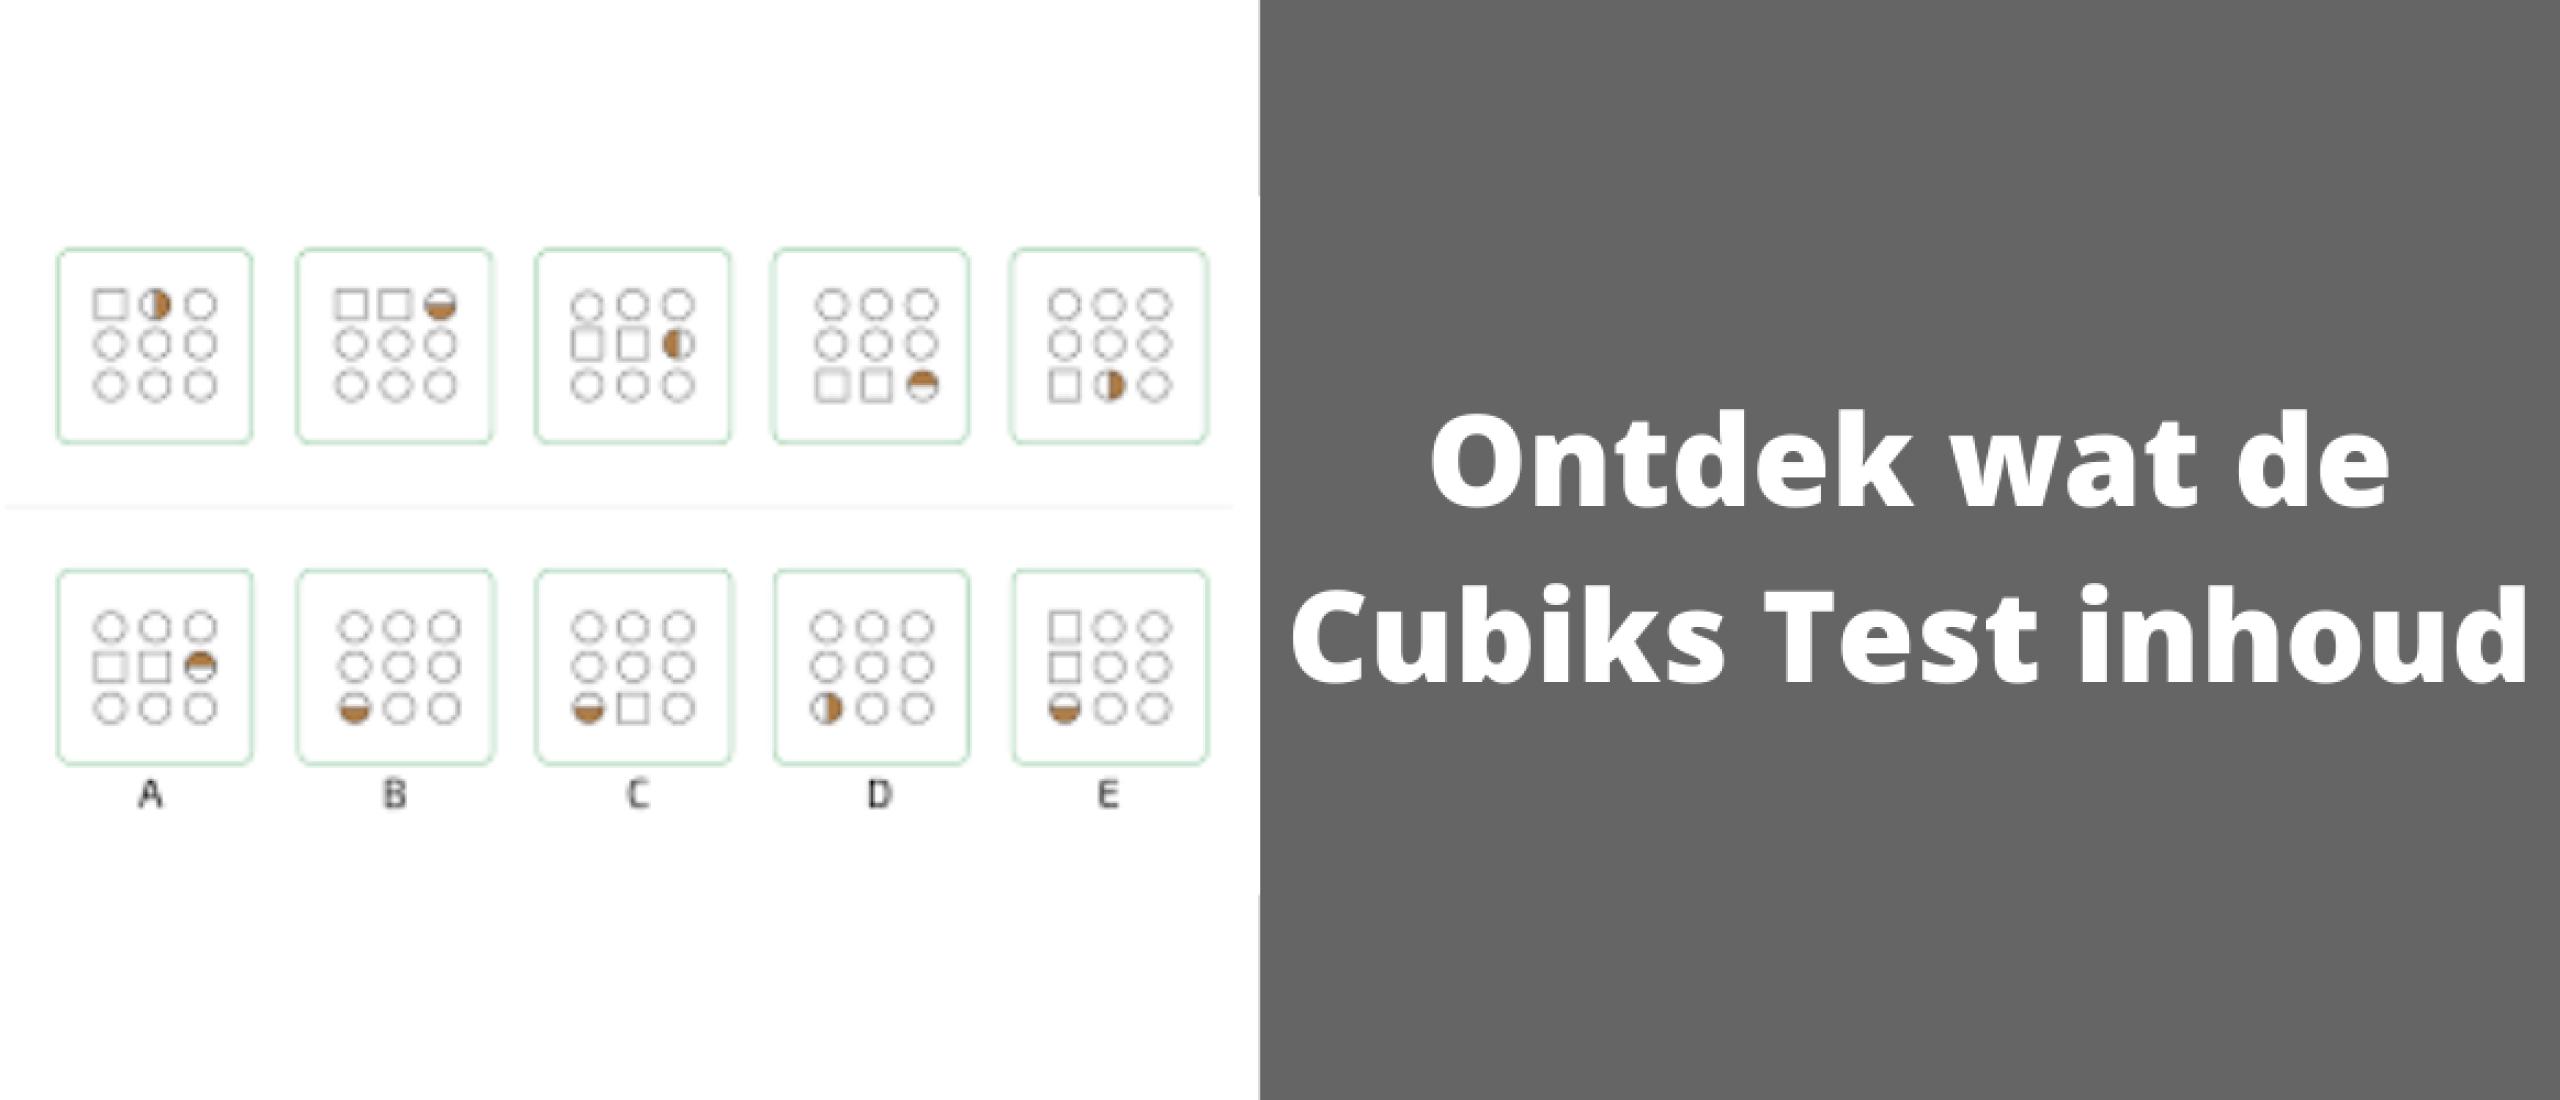 Ontdek wat de Cubiks Test inhoud